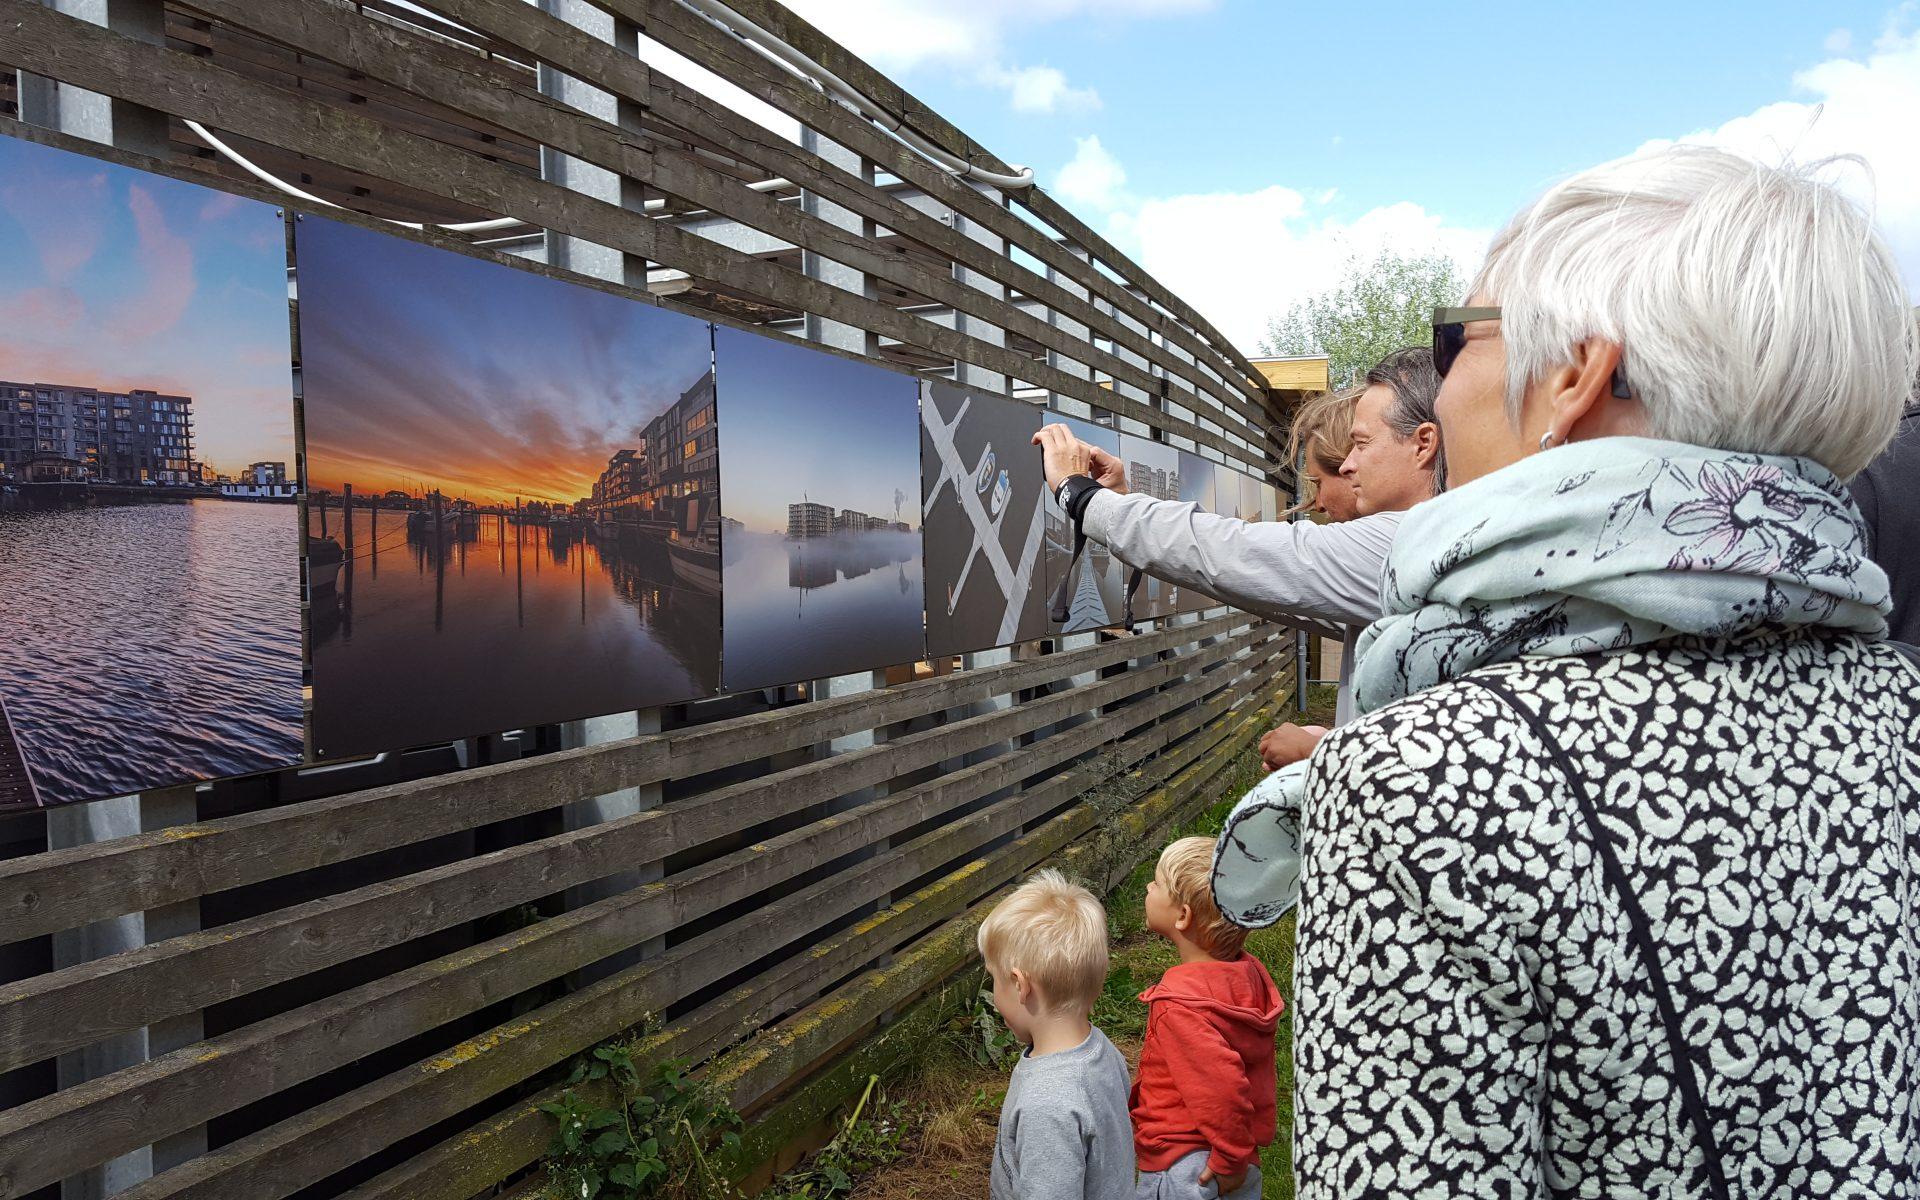 kulturhavn365_sluseholmens-havne-og-kanalfestival01